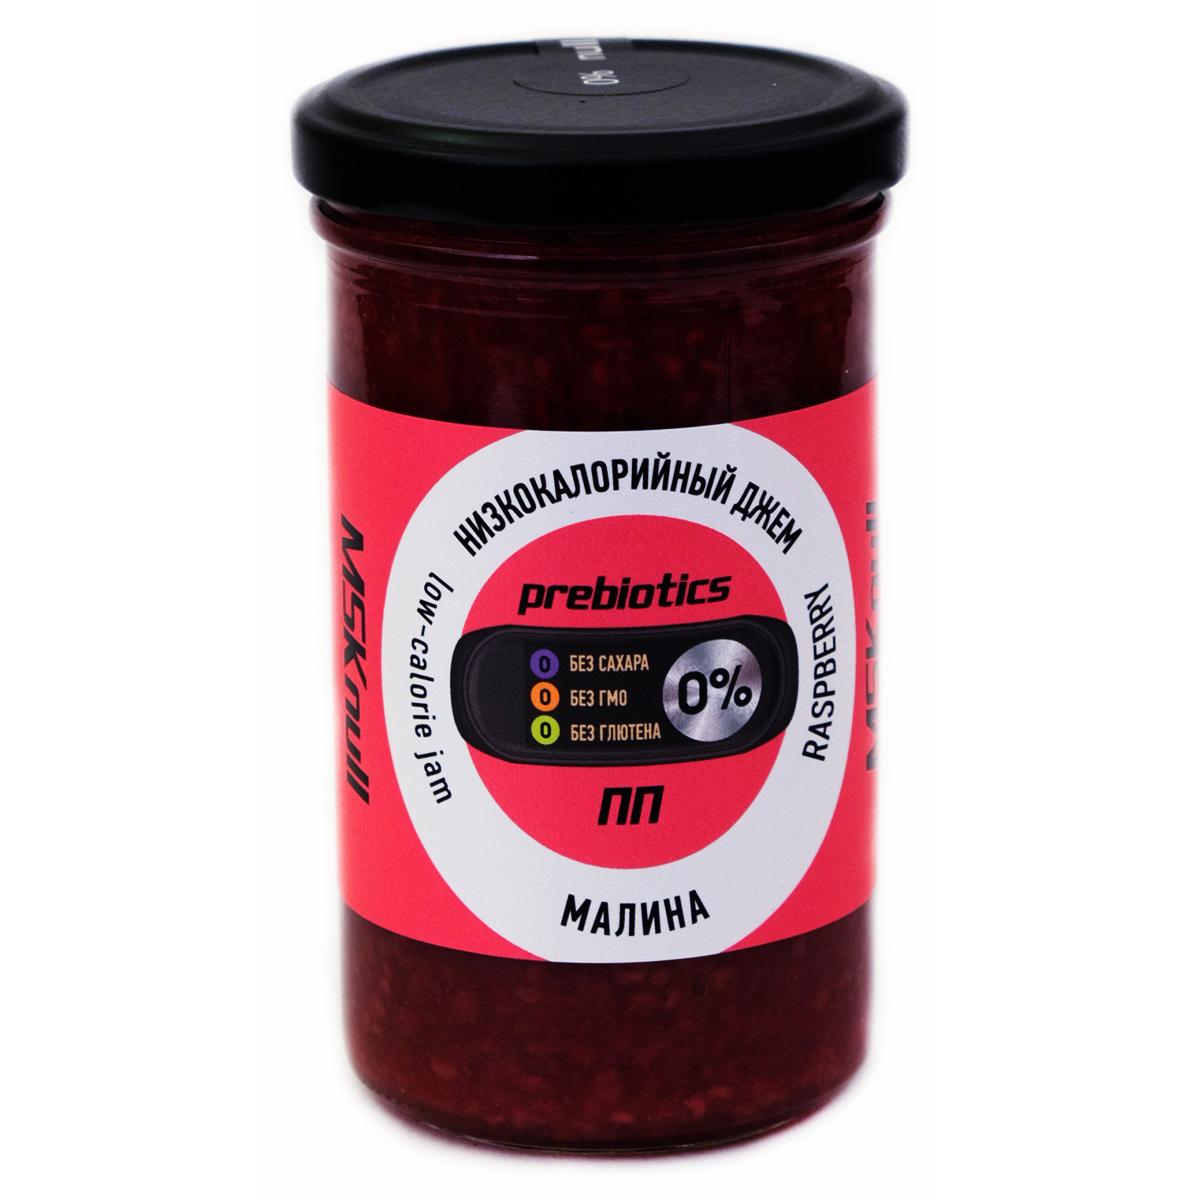 Низкокалорийный Zero джем с пребиотиком Малина, без сахара, 260 г., МSK null